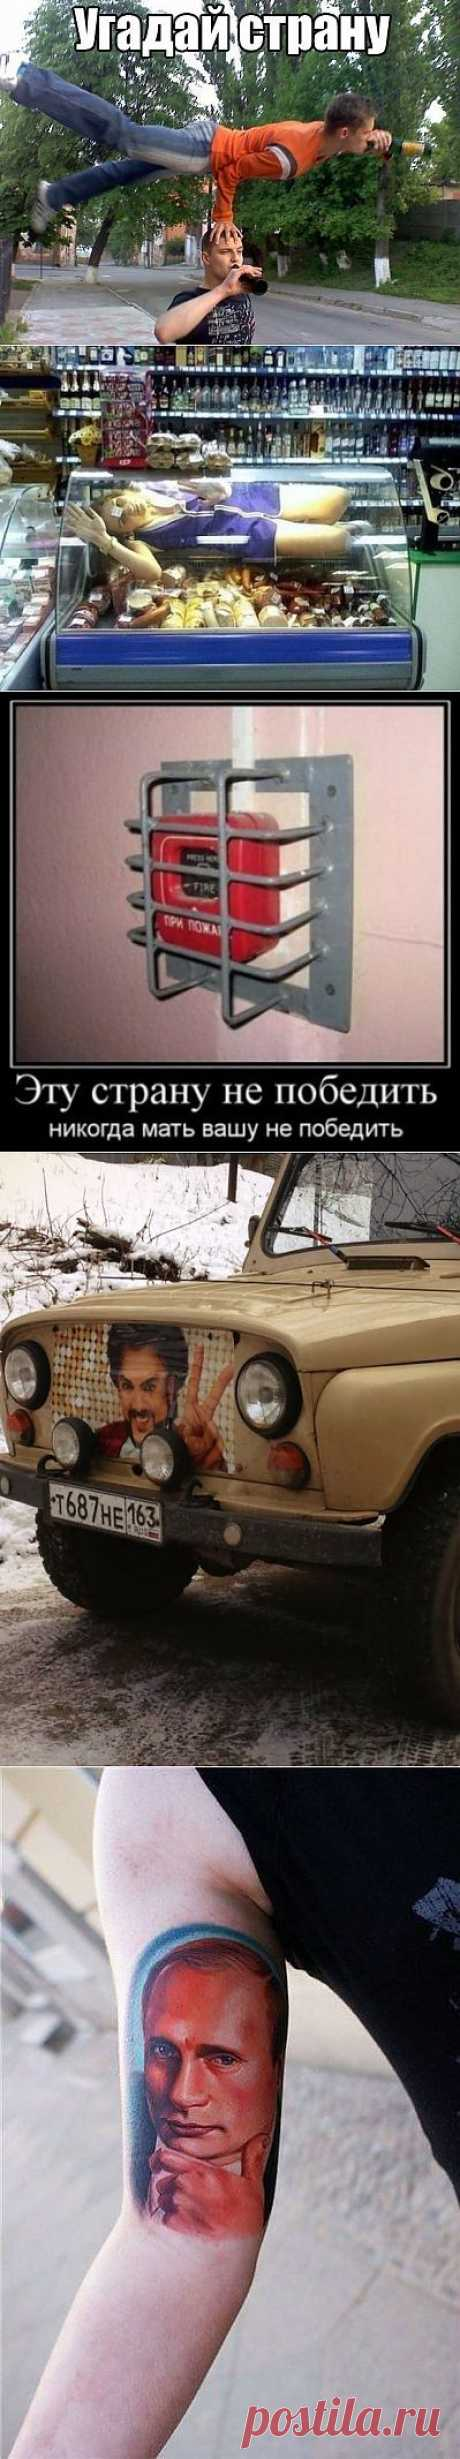 Это Россия, детка! Продолжение / Писец - приколы интернета